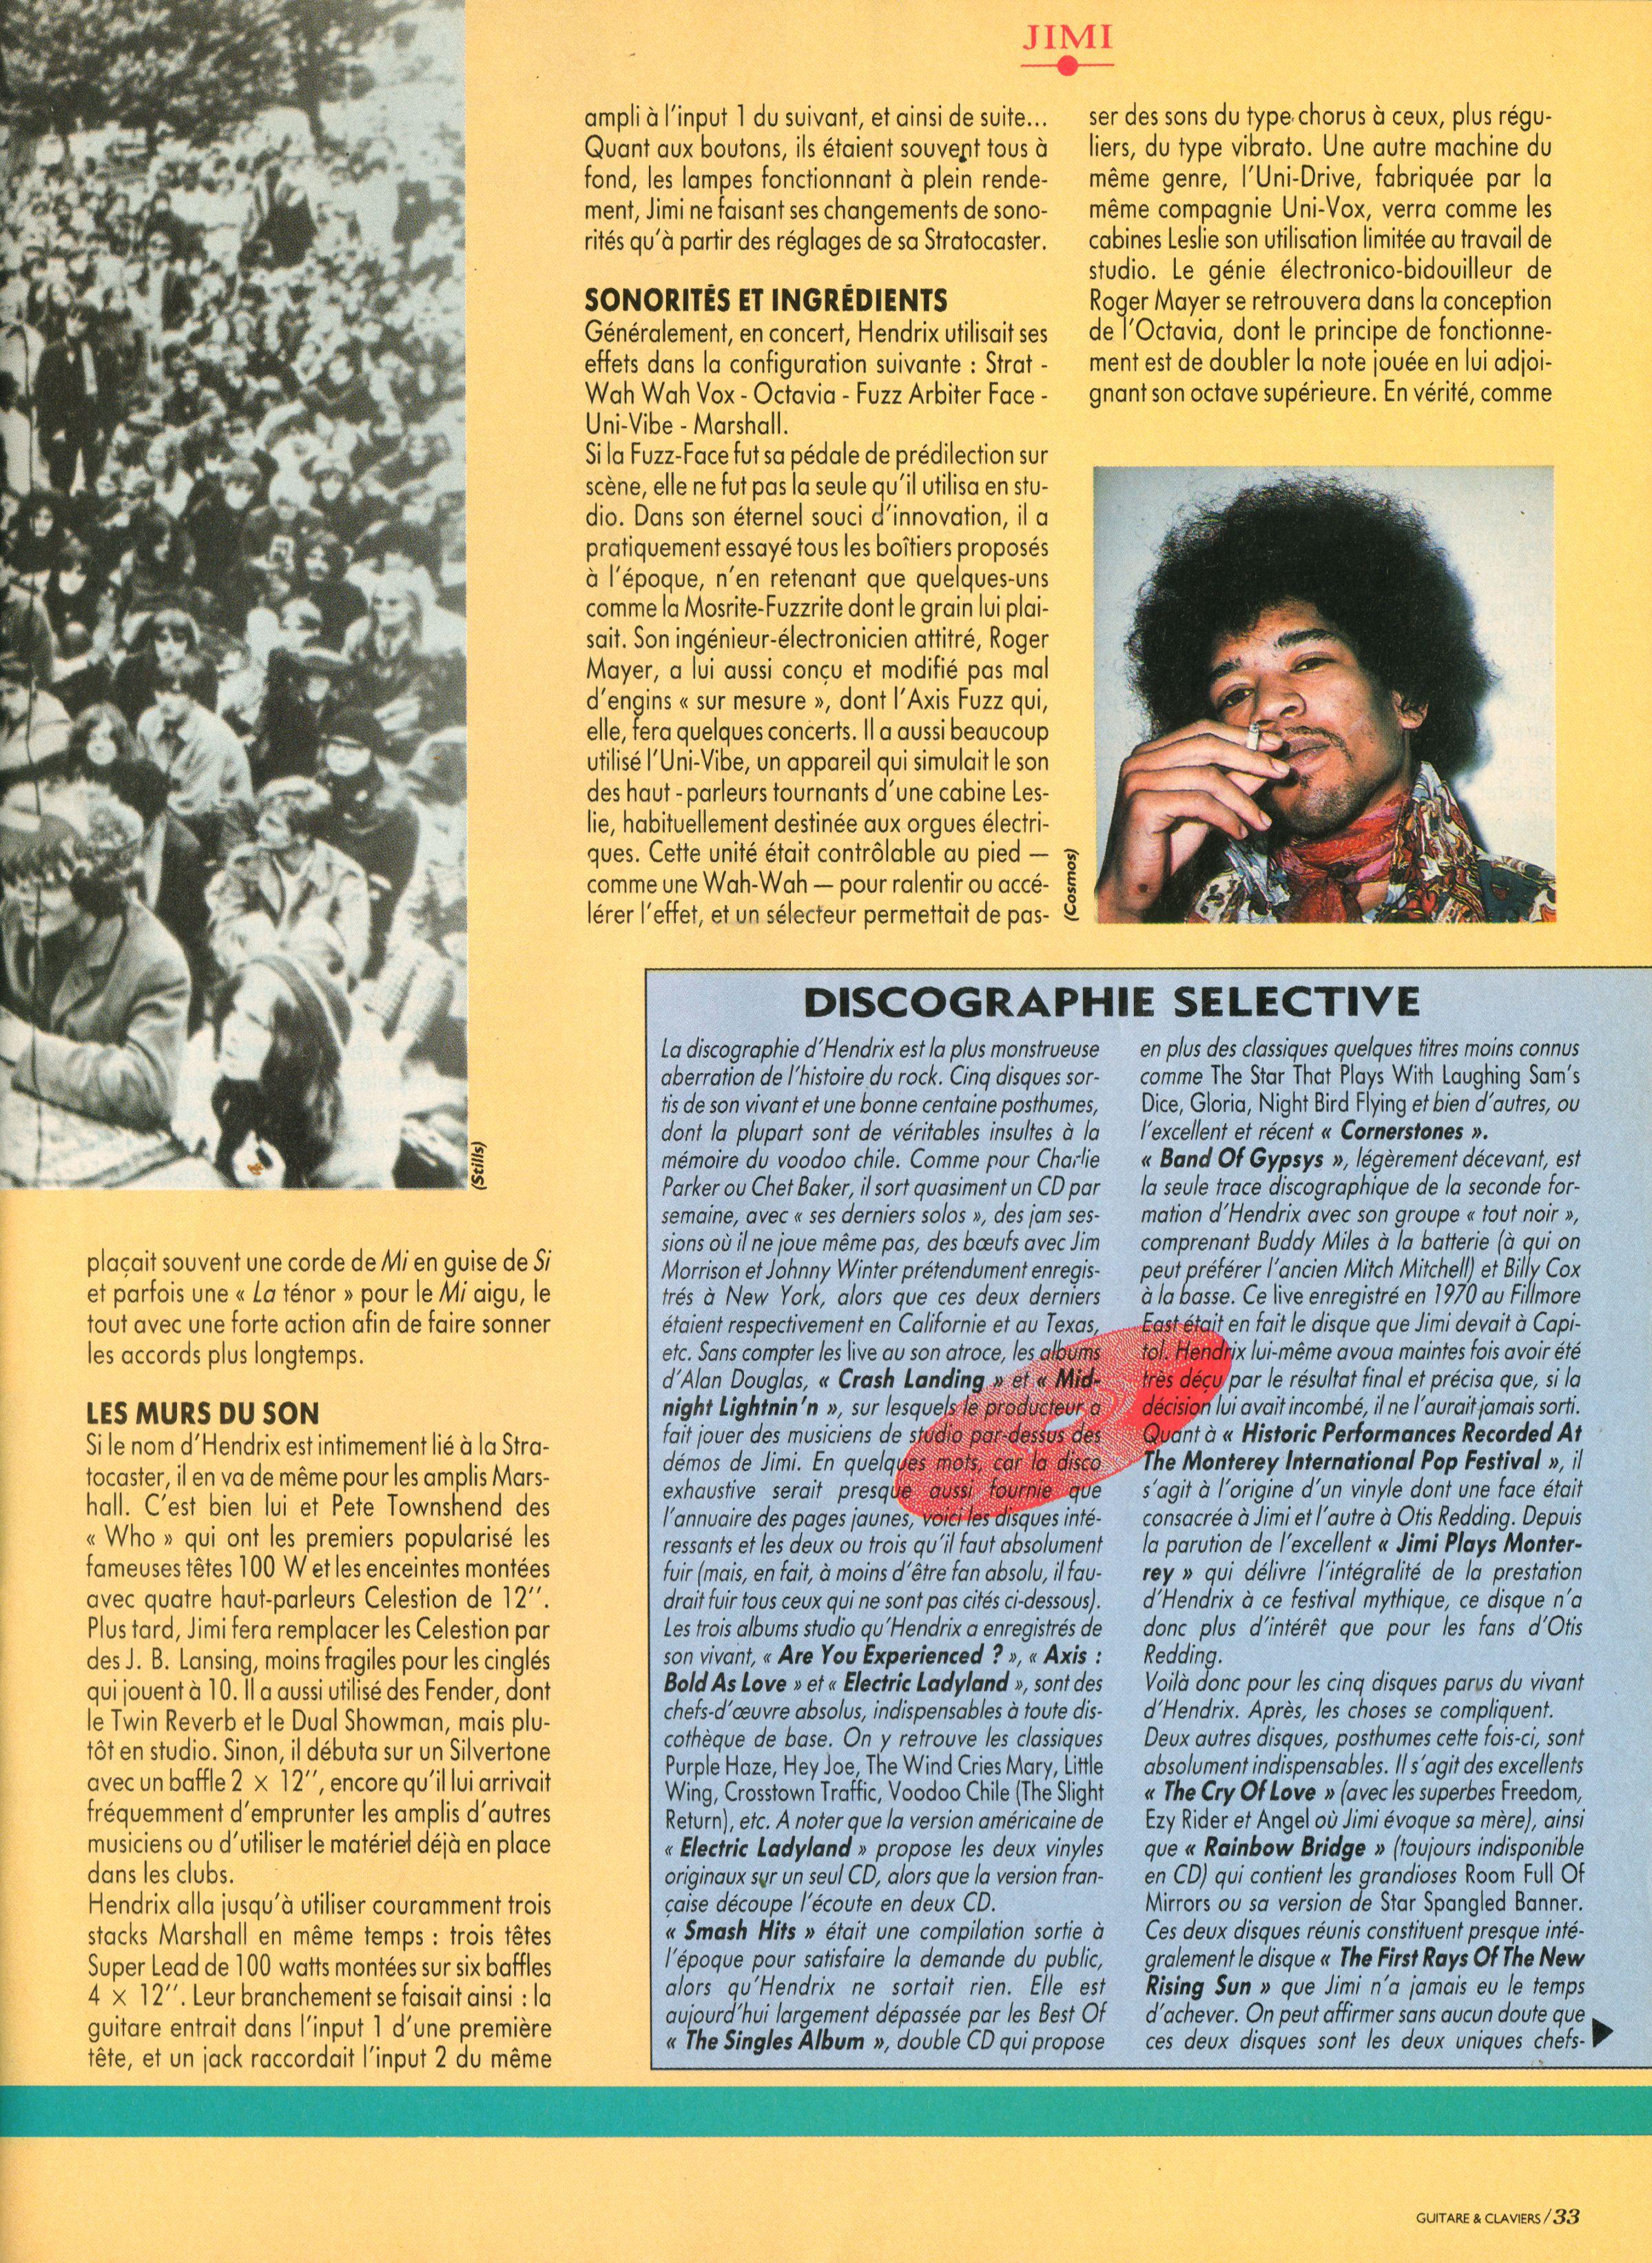 Magazines Français 1989 - 2014 GuitareClaviersJuilletAout1991Page33